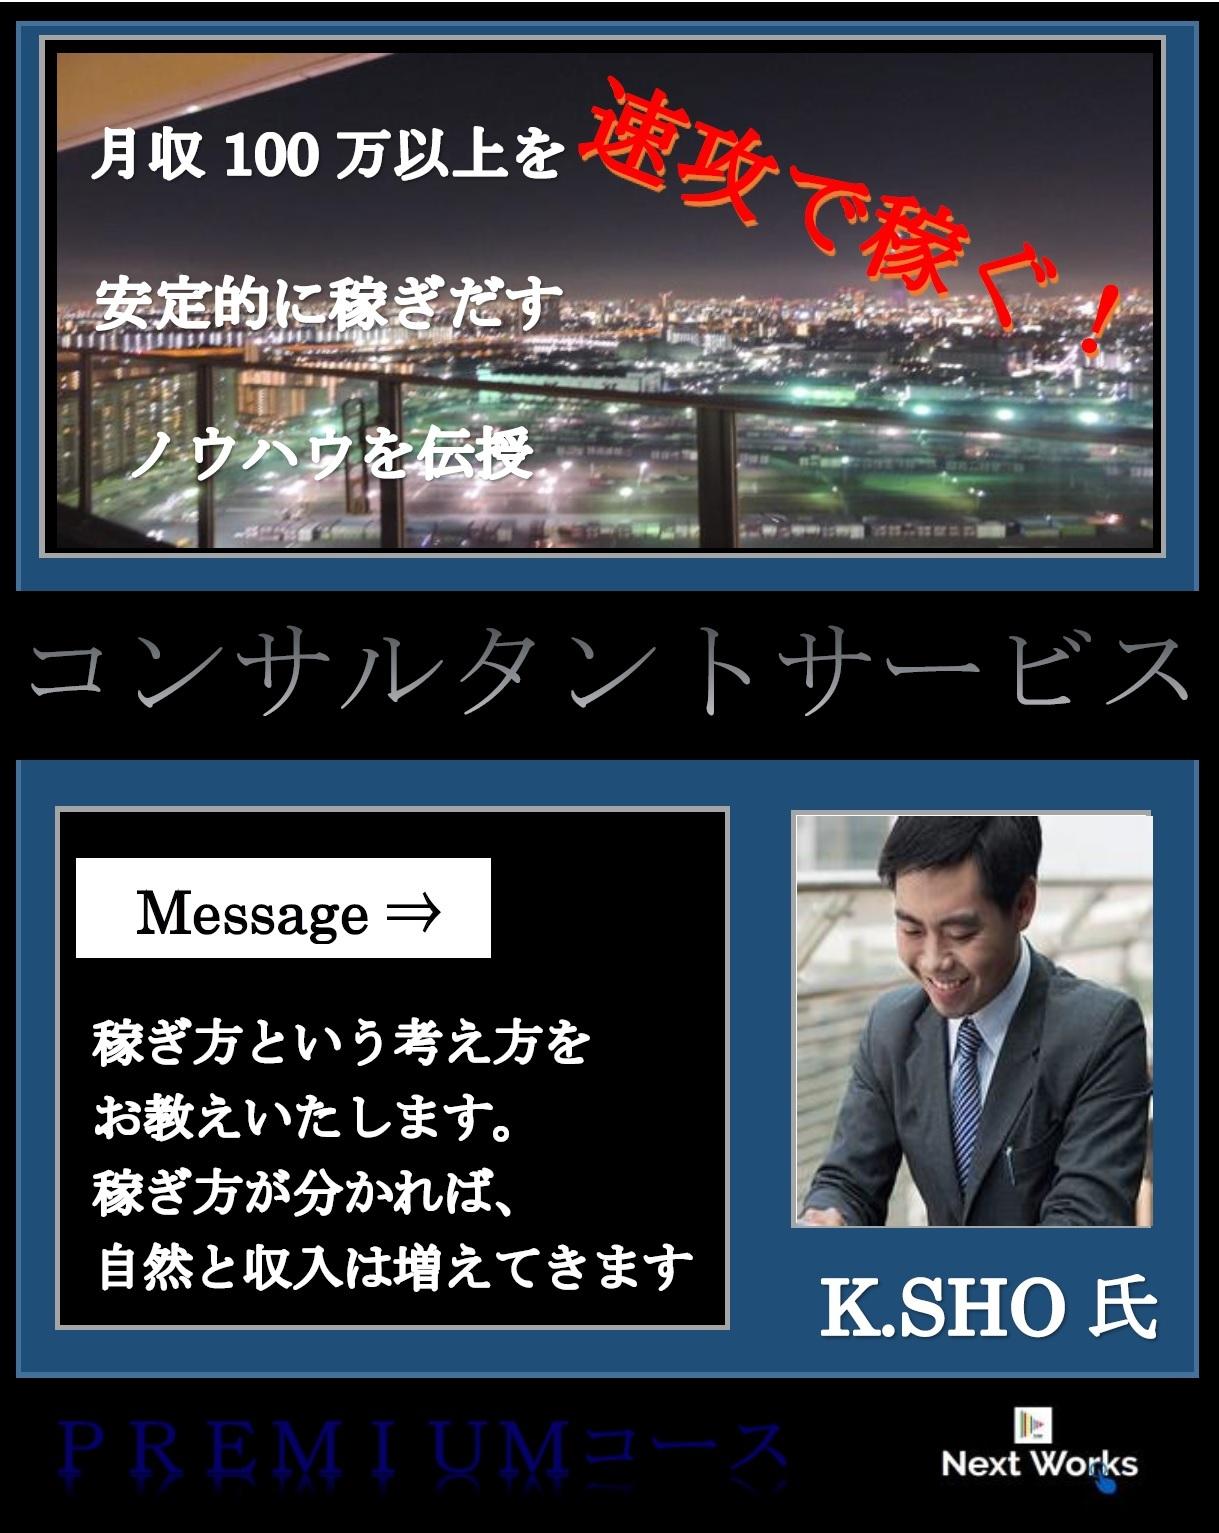 K.SHO氏 コンサルタント予約受付